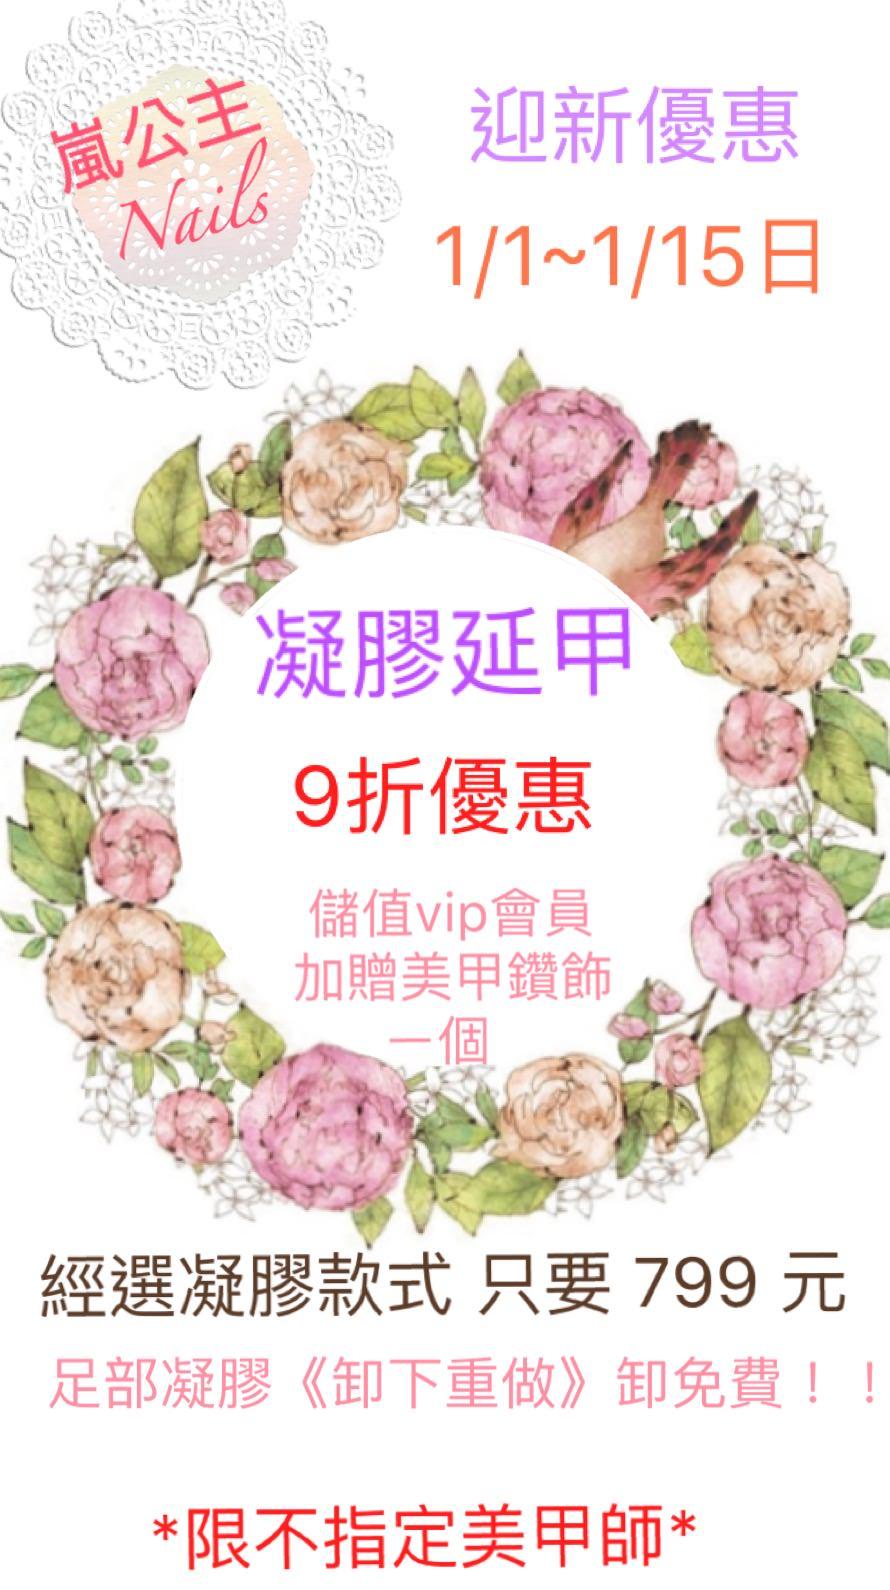 嵐公主美甲高雄獅甲/後驛~1月迎新優惠 凝膠延甲9折優惠